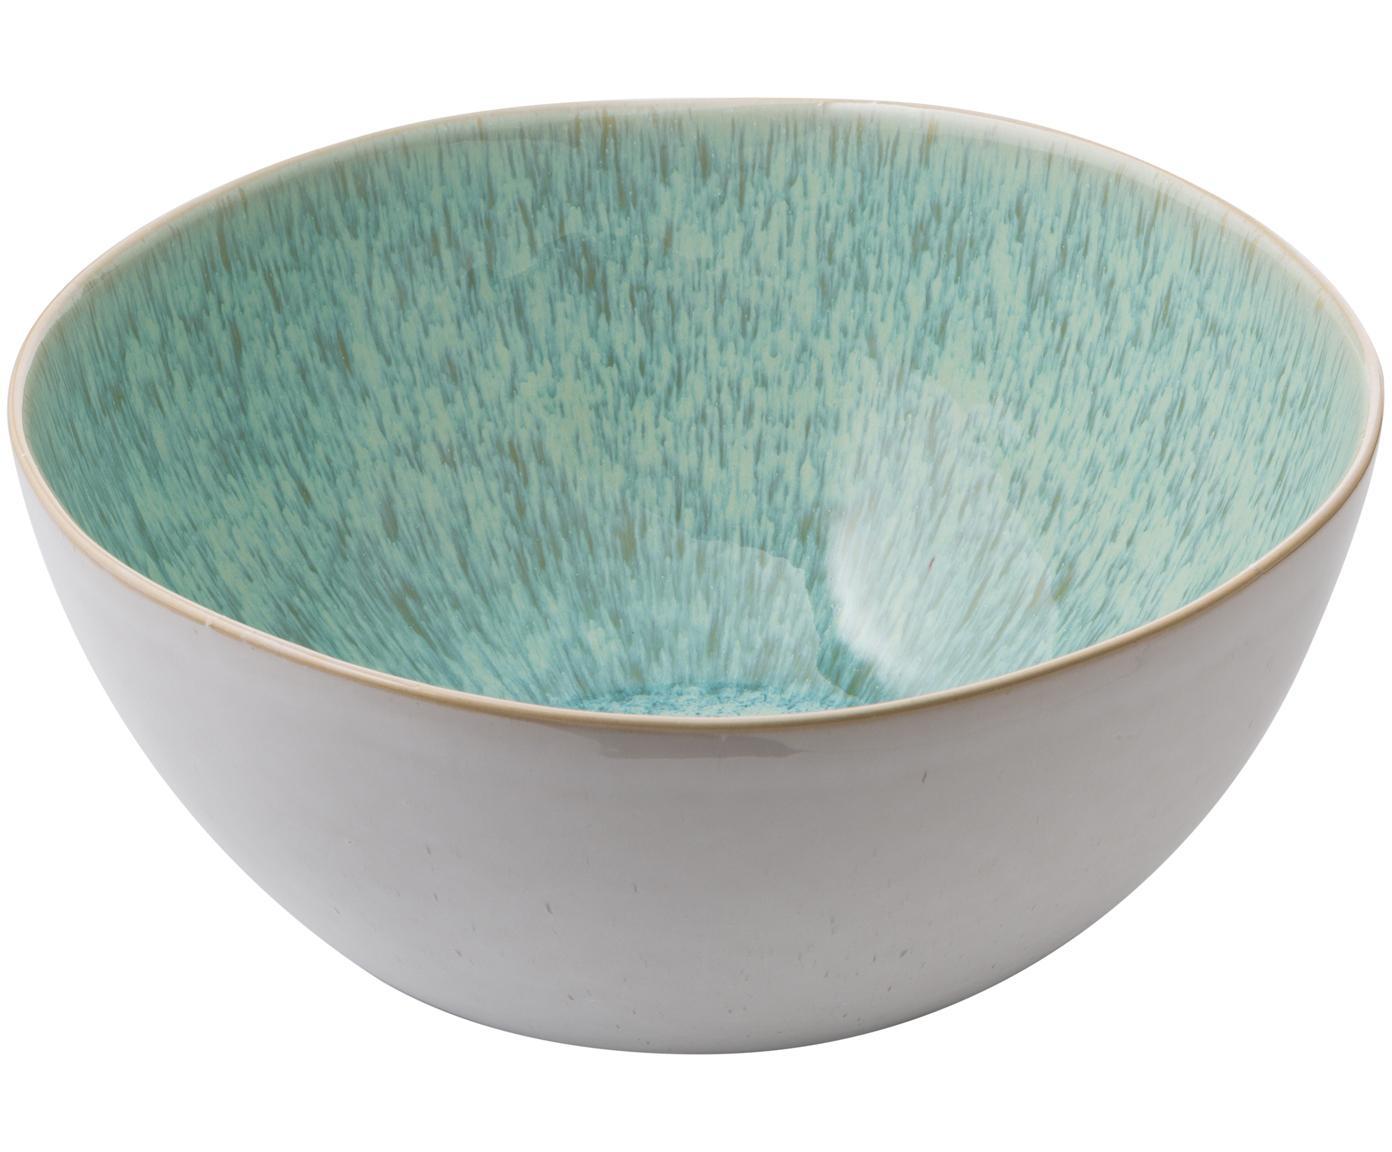 Handbemalte Salatschüssel Areia mit reaktiver Glasur, Steingut, Mint, Gebrochenes Weiß, Beige, Ø 26 x H 12 cm